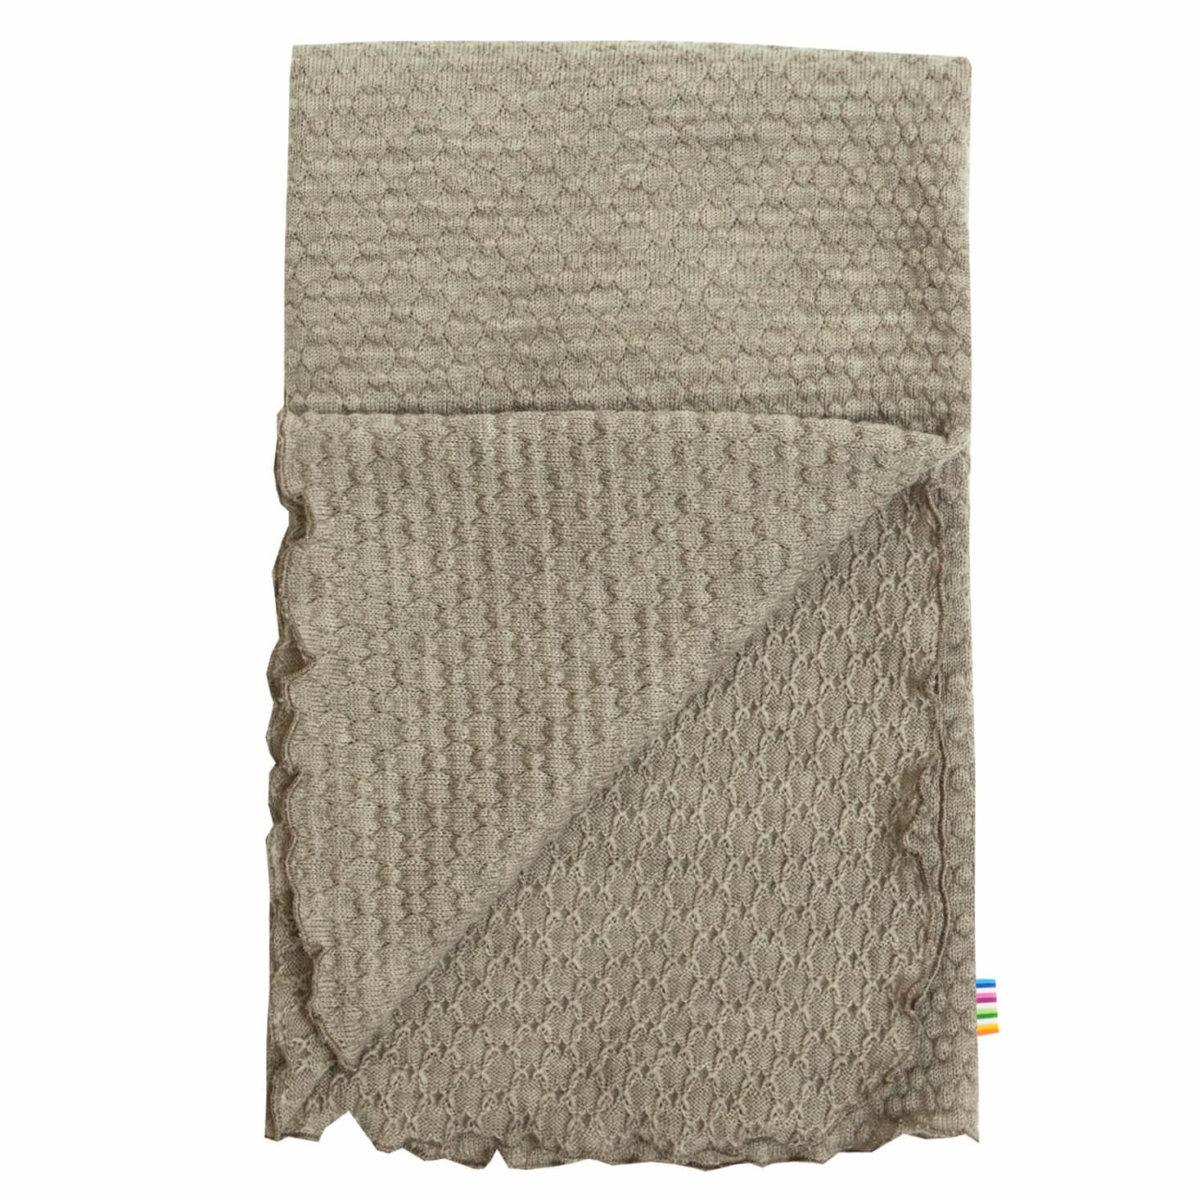 Joha uld baby tæppe i beige